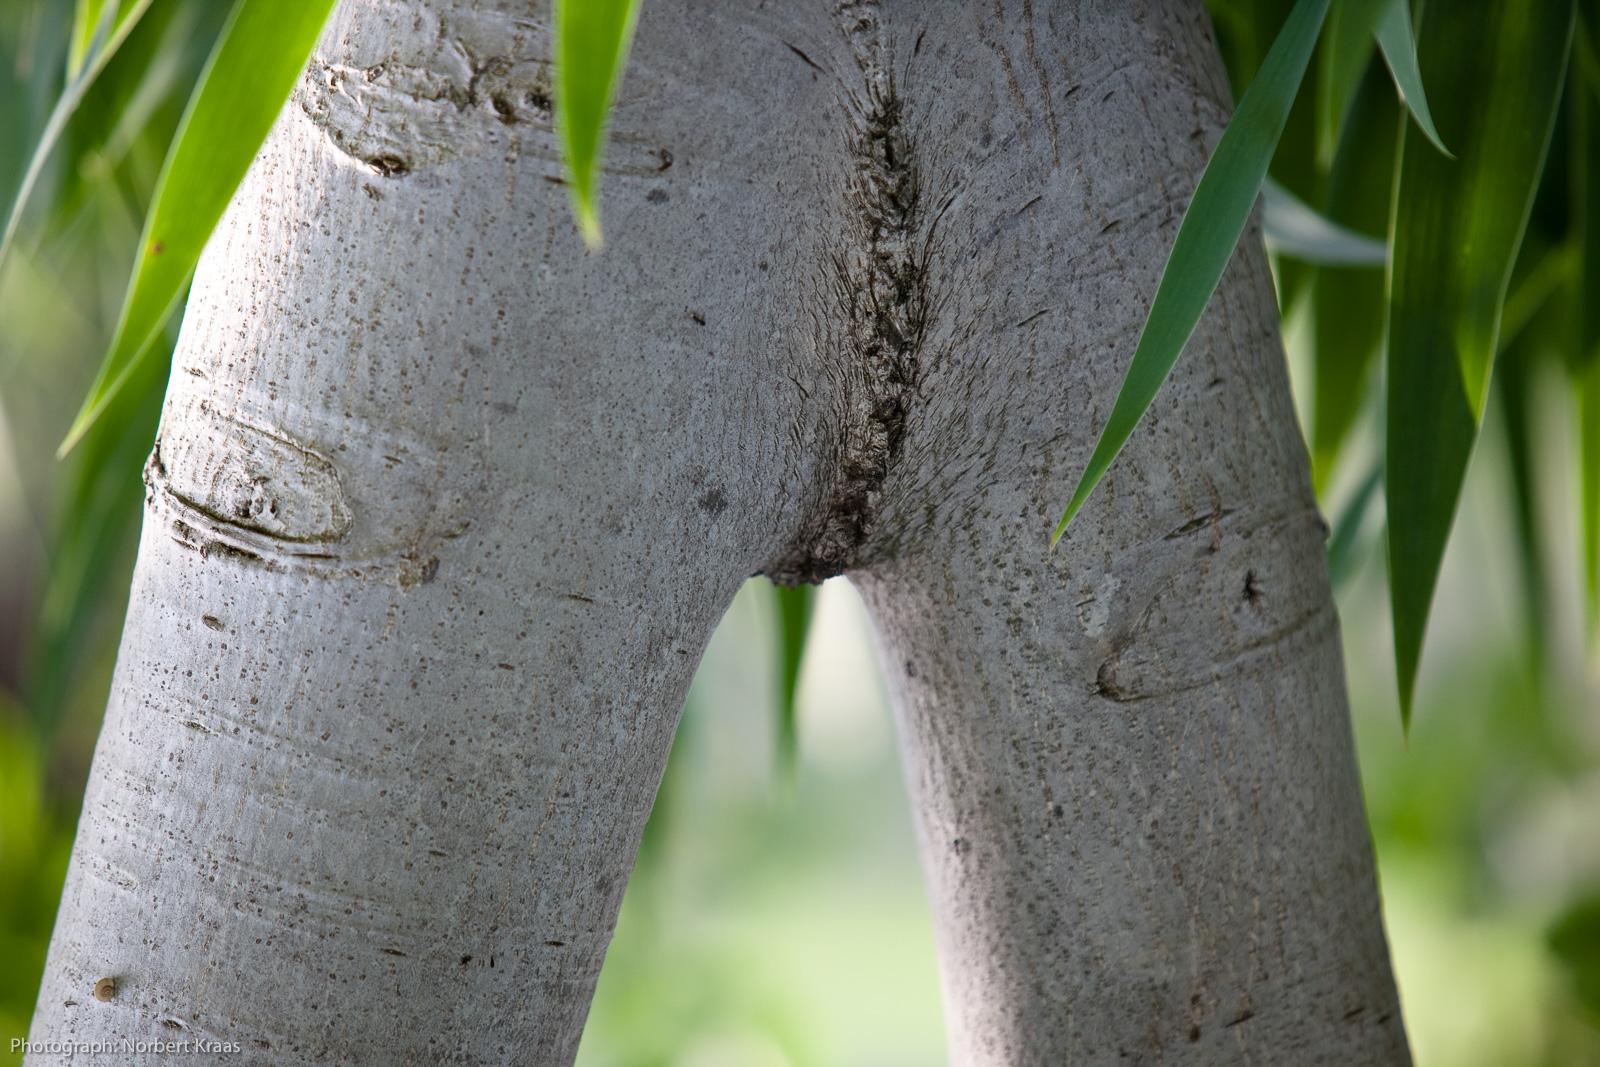 Wer sagt mir, wie der Baum heißt?